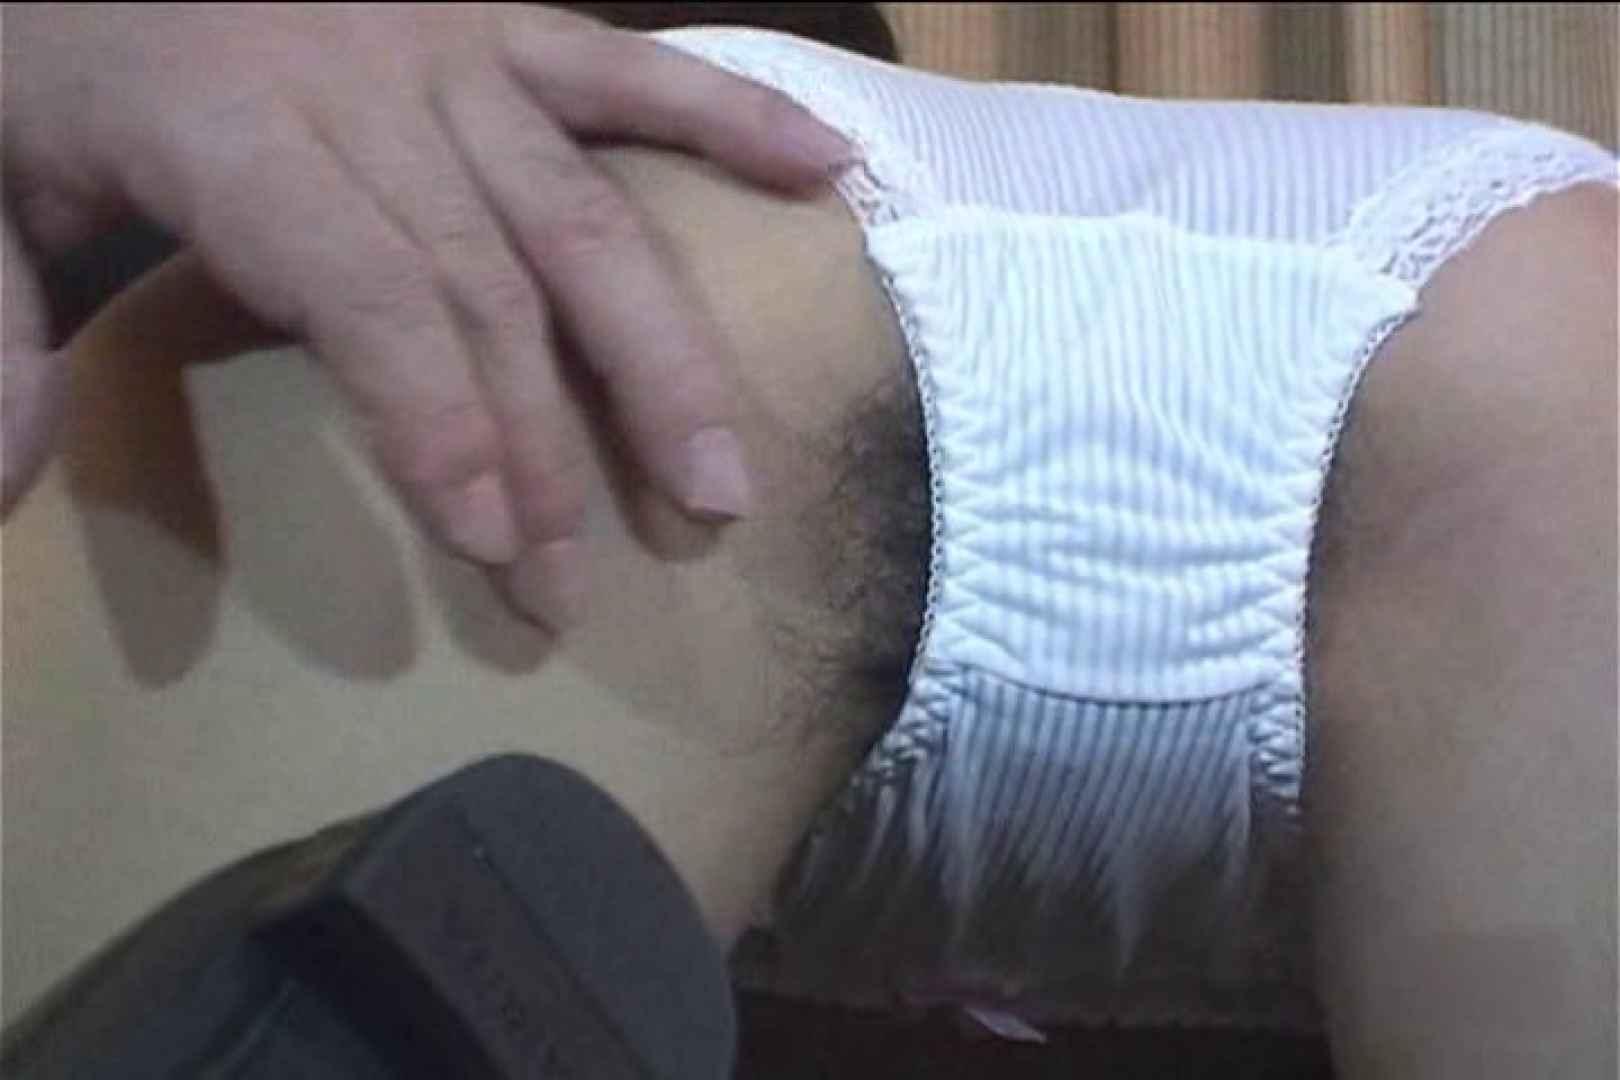 コスプレフェチさんの悪戯!!淫スイッチ押しちゃいます!!vol.1 フェラチオ セックス画像 11pic 6